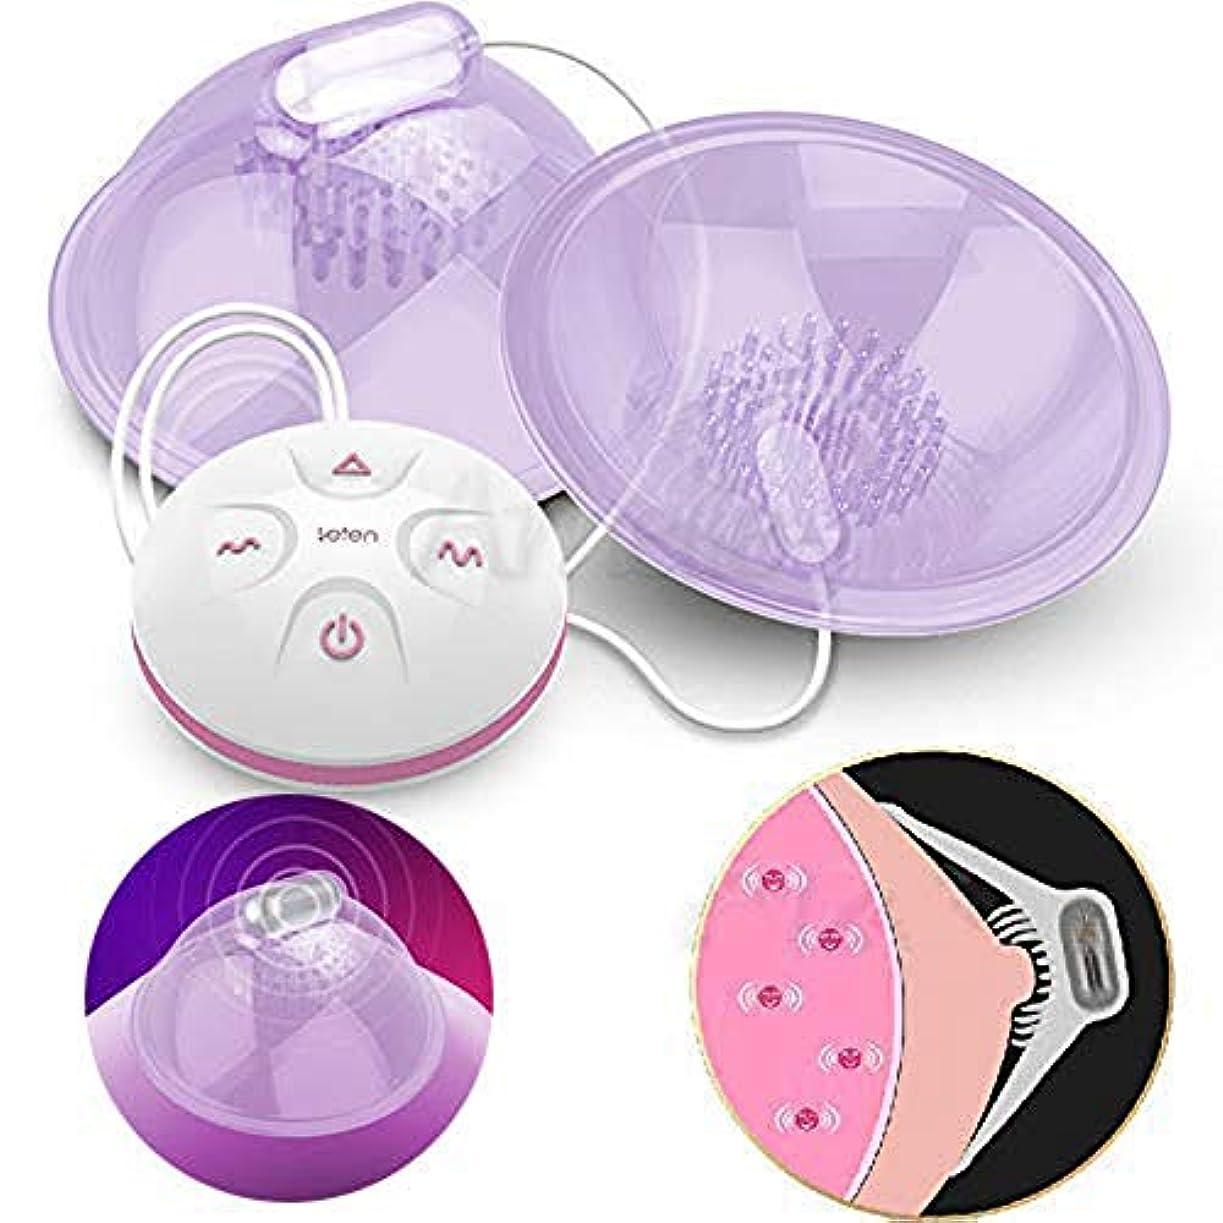 に話すカメかすれた充電式Ni-ppleマッサージャー胸胸部刺激装置エンハンサー玩具女性、小売ボックス付き10スピードスピードモード電動ポンプ吸盤